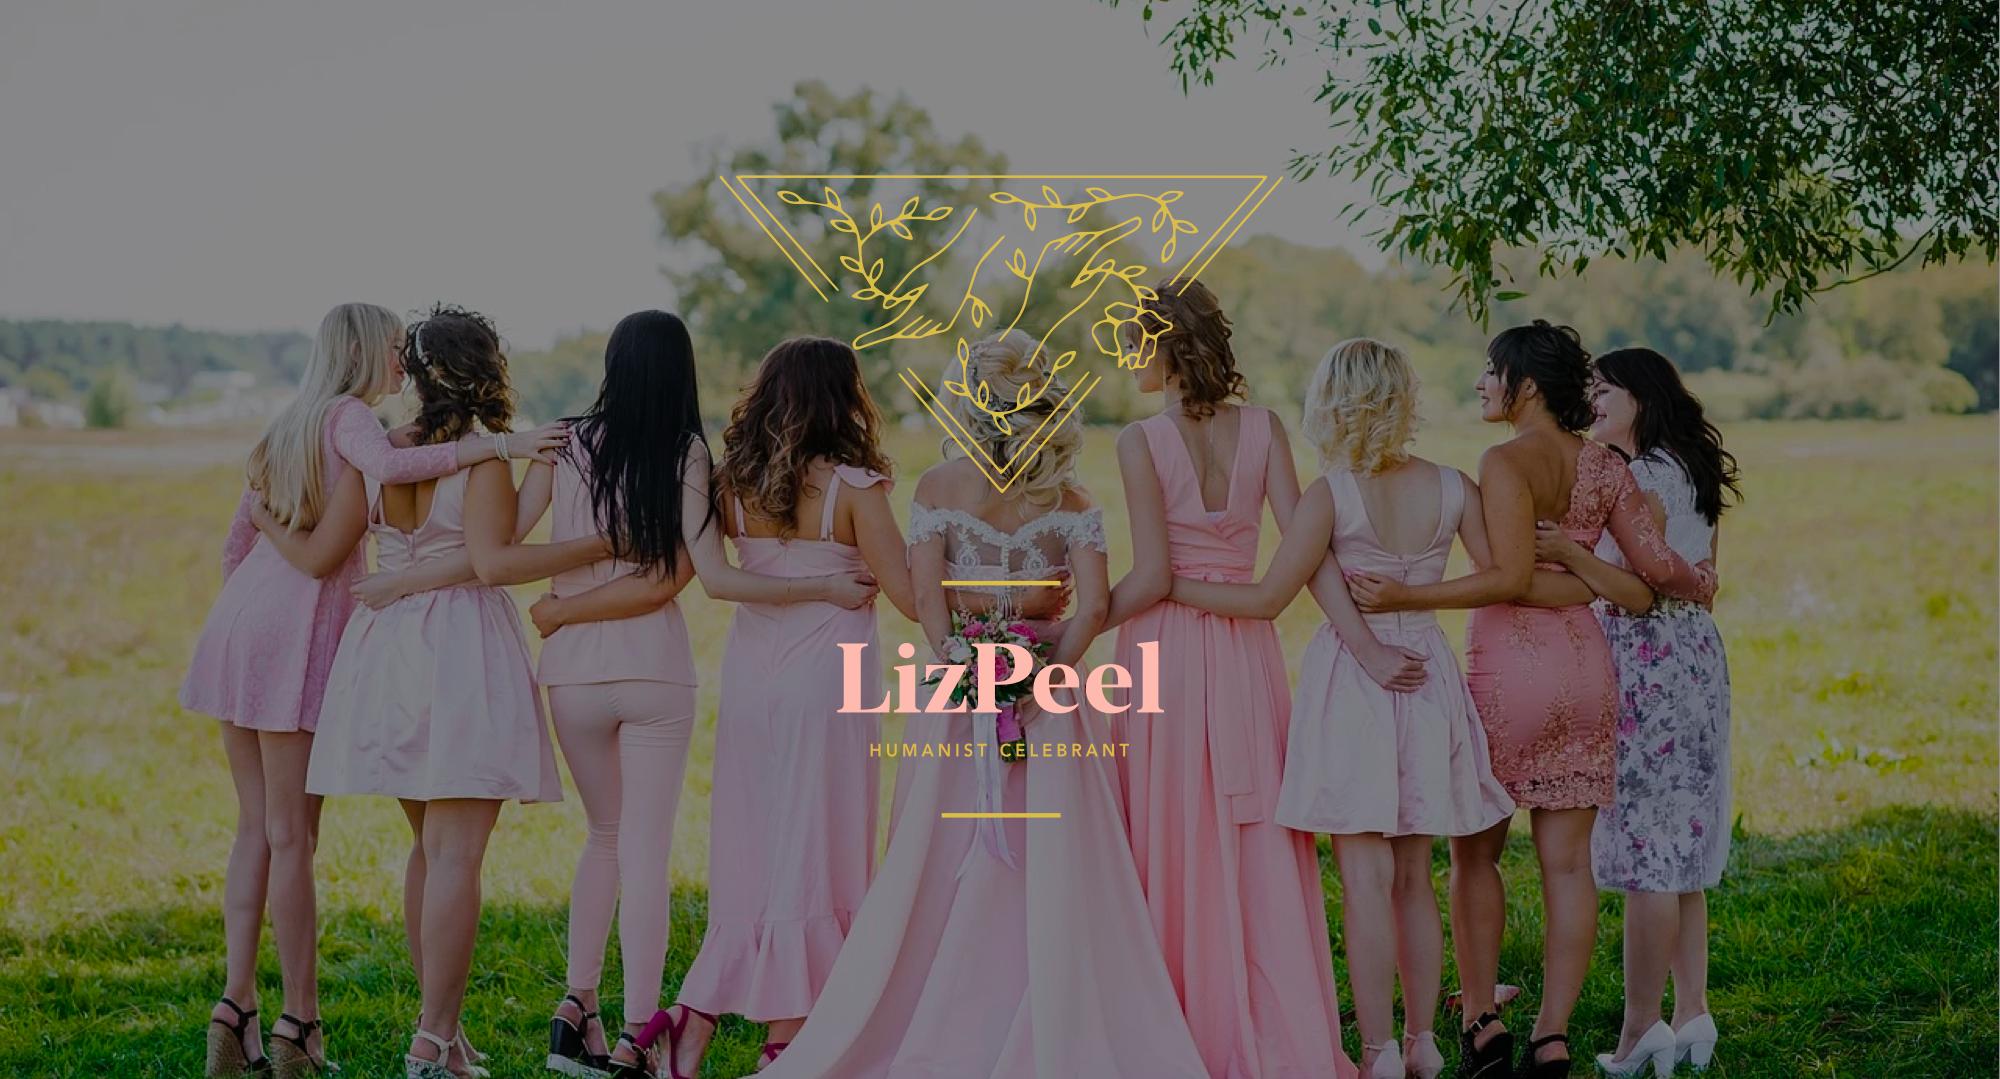 LizPeel